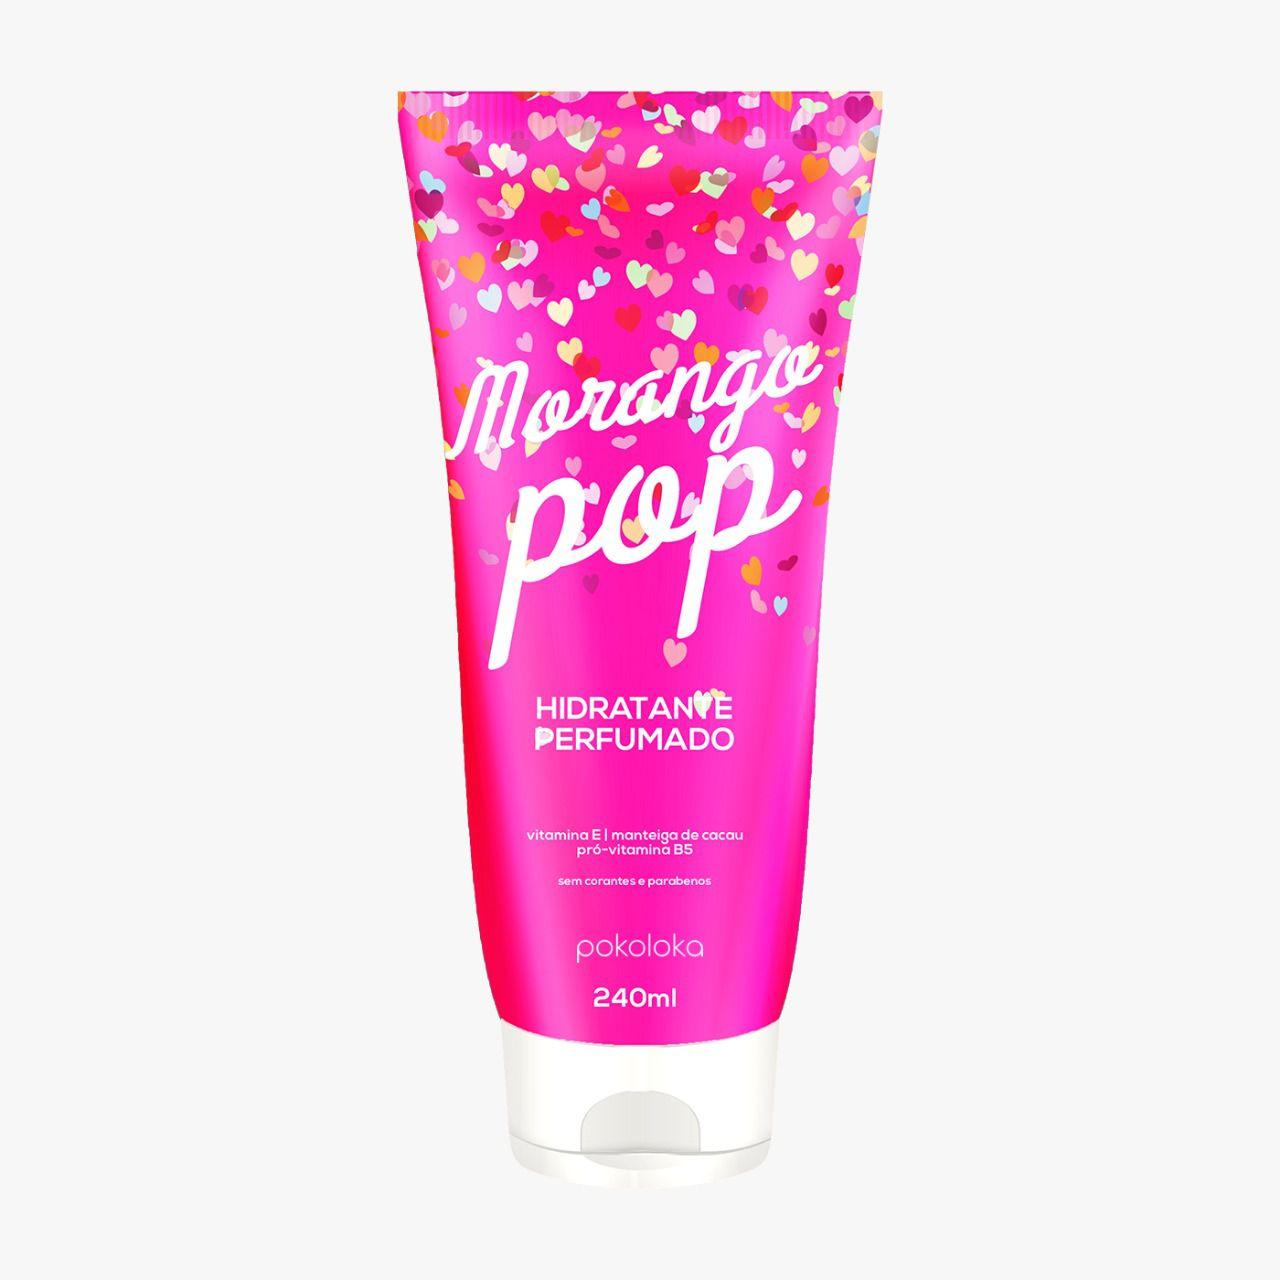 Hidratante Perfumado Morango Pop Pokaloka 240ml